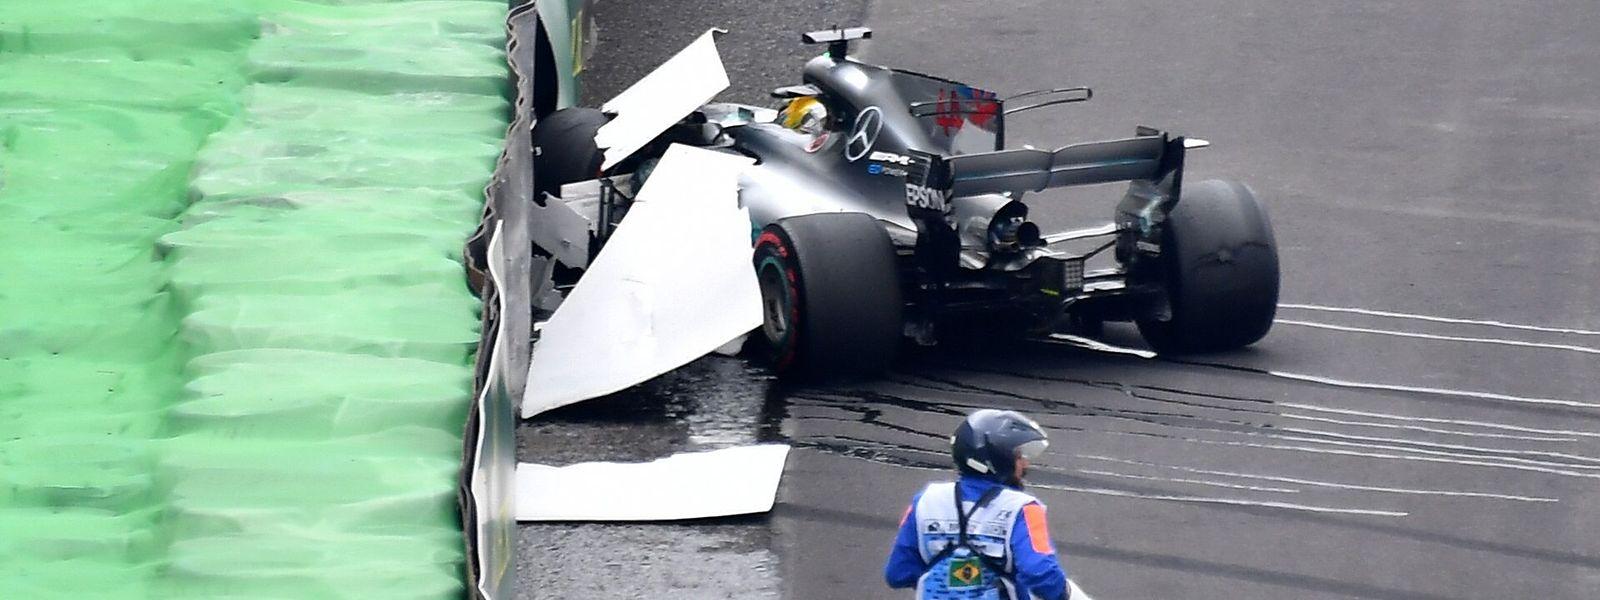 Lewis Hamilton blieb beim Unfall unverletzt.